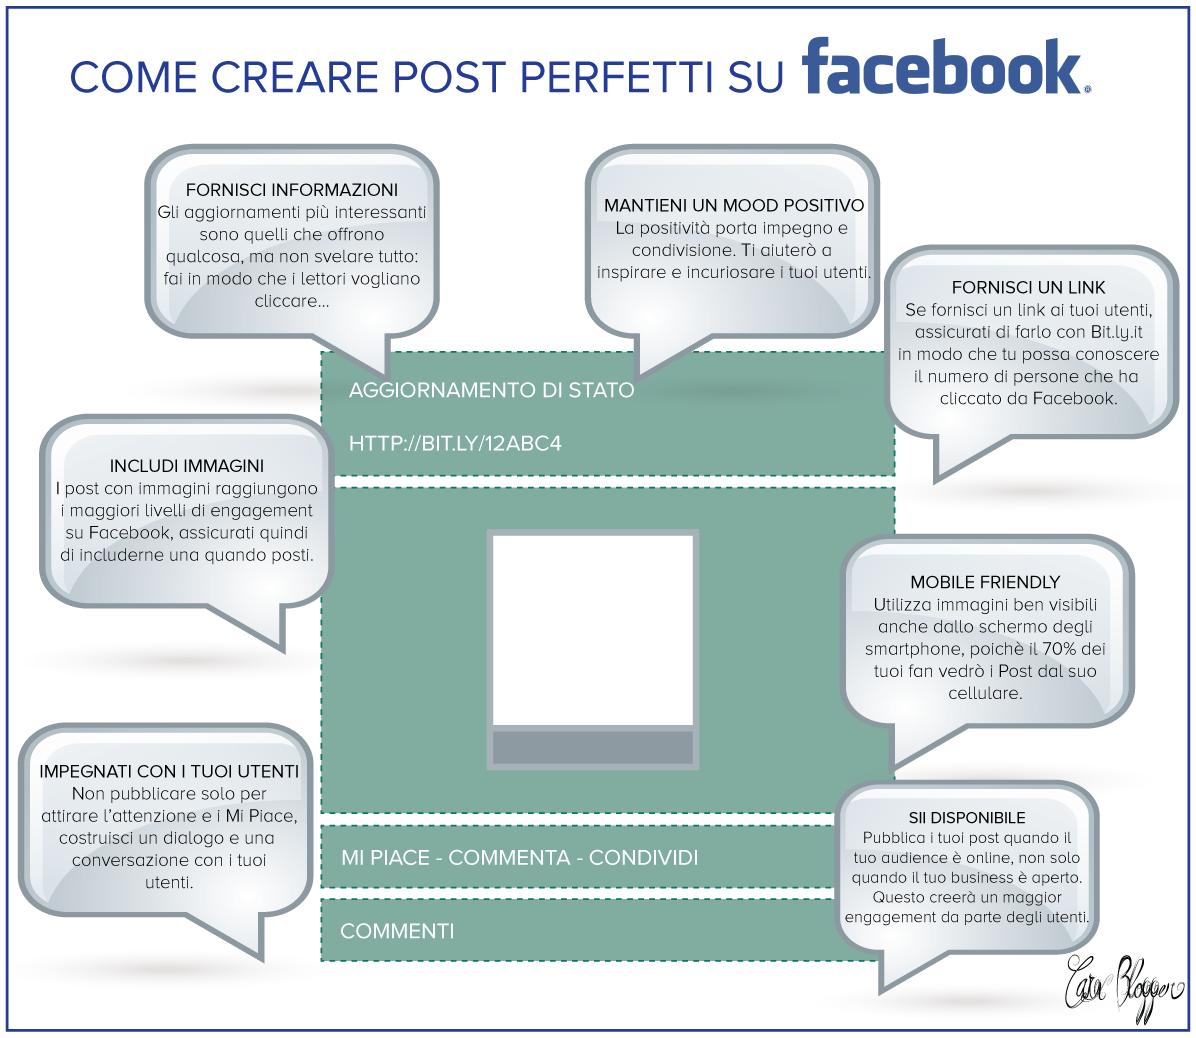 come creare post perfetti su Facebook